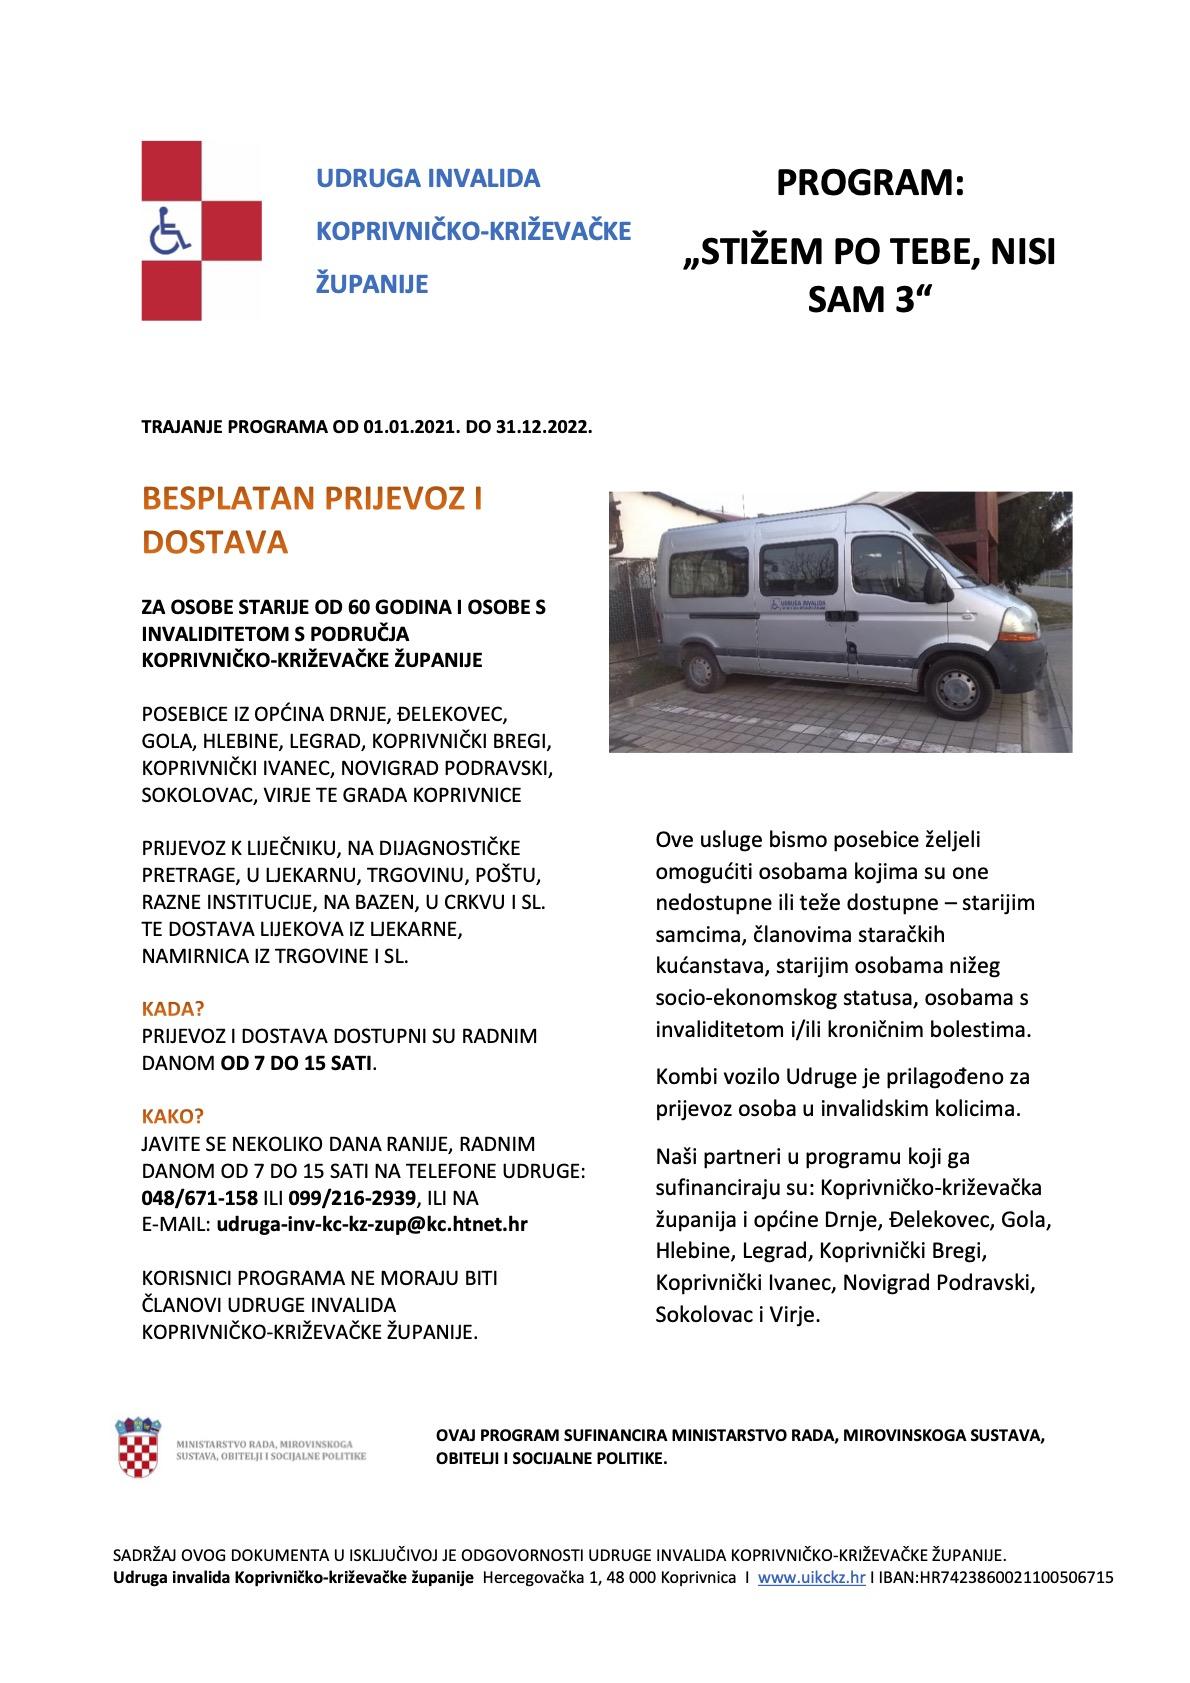 """Program """"Stižem po tebe – nisi sam 3"""" –besplatni prijevoz i dostava za osobe starije od 60 godina i osobe s invaliditetom s područja Koprivničko-križevačke županije"""